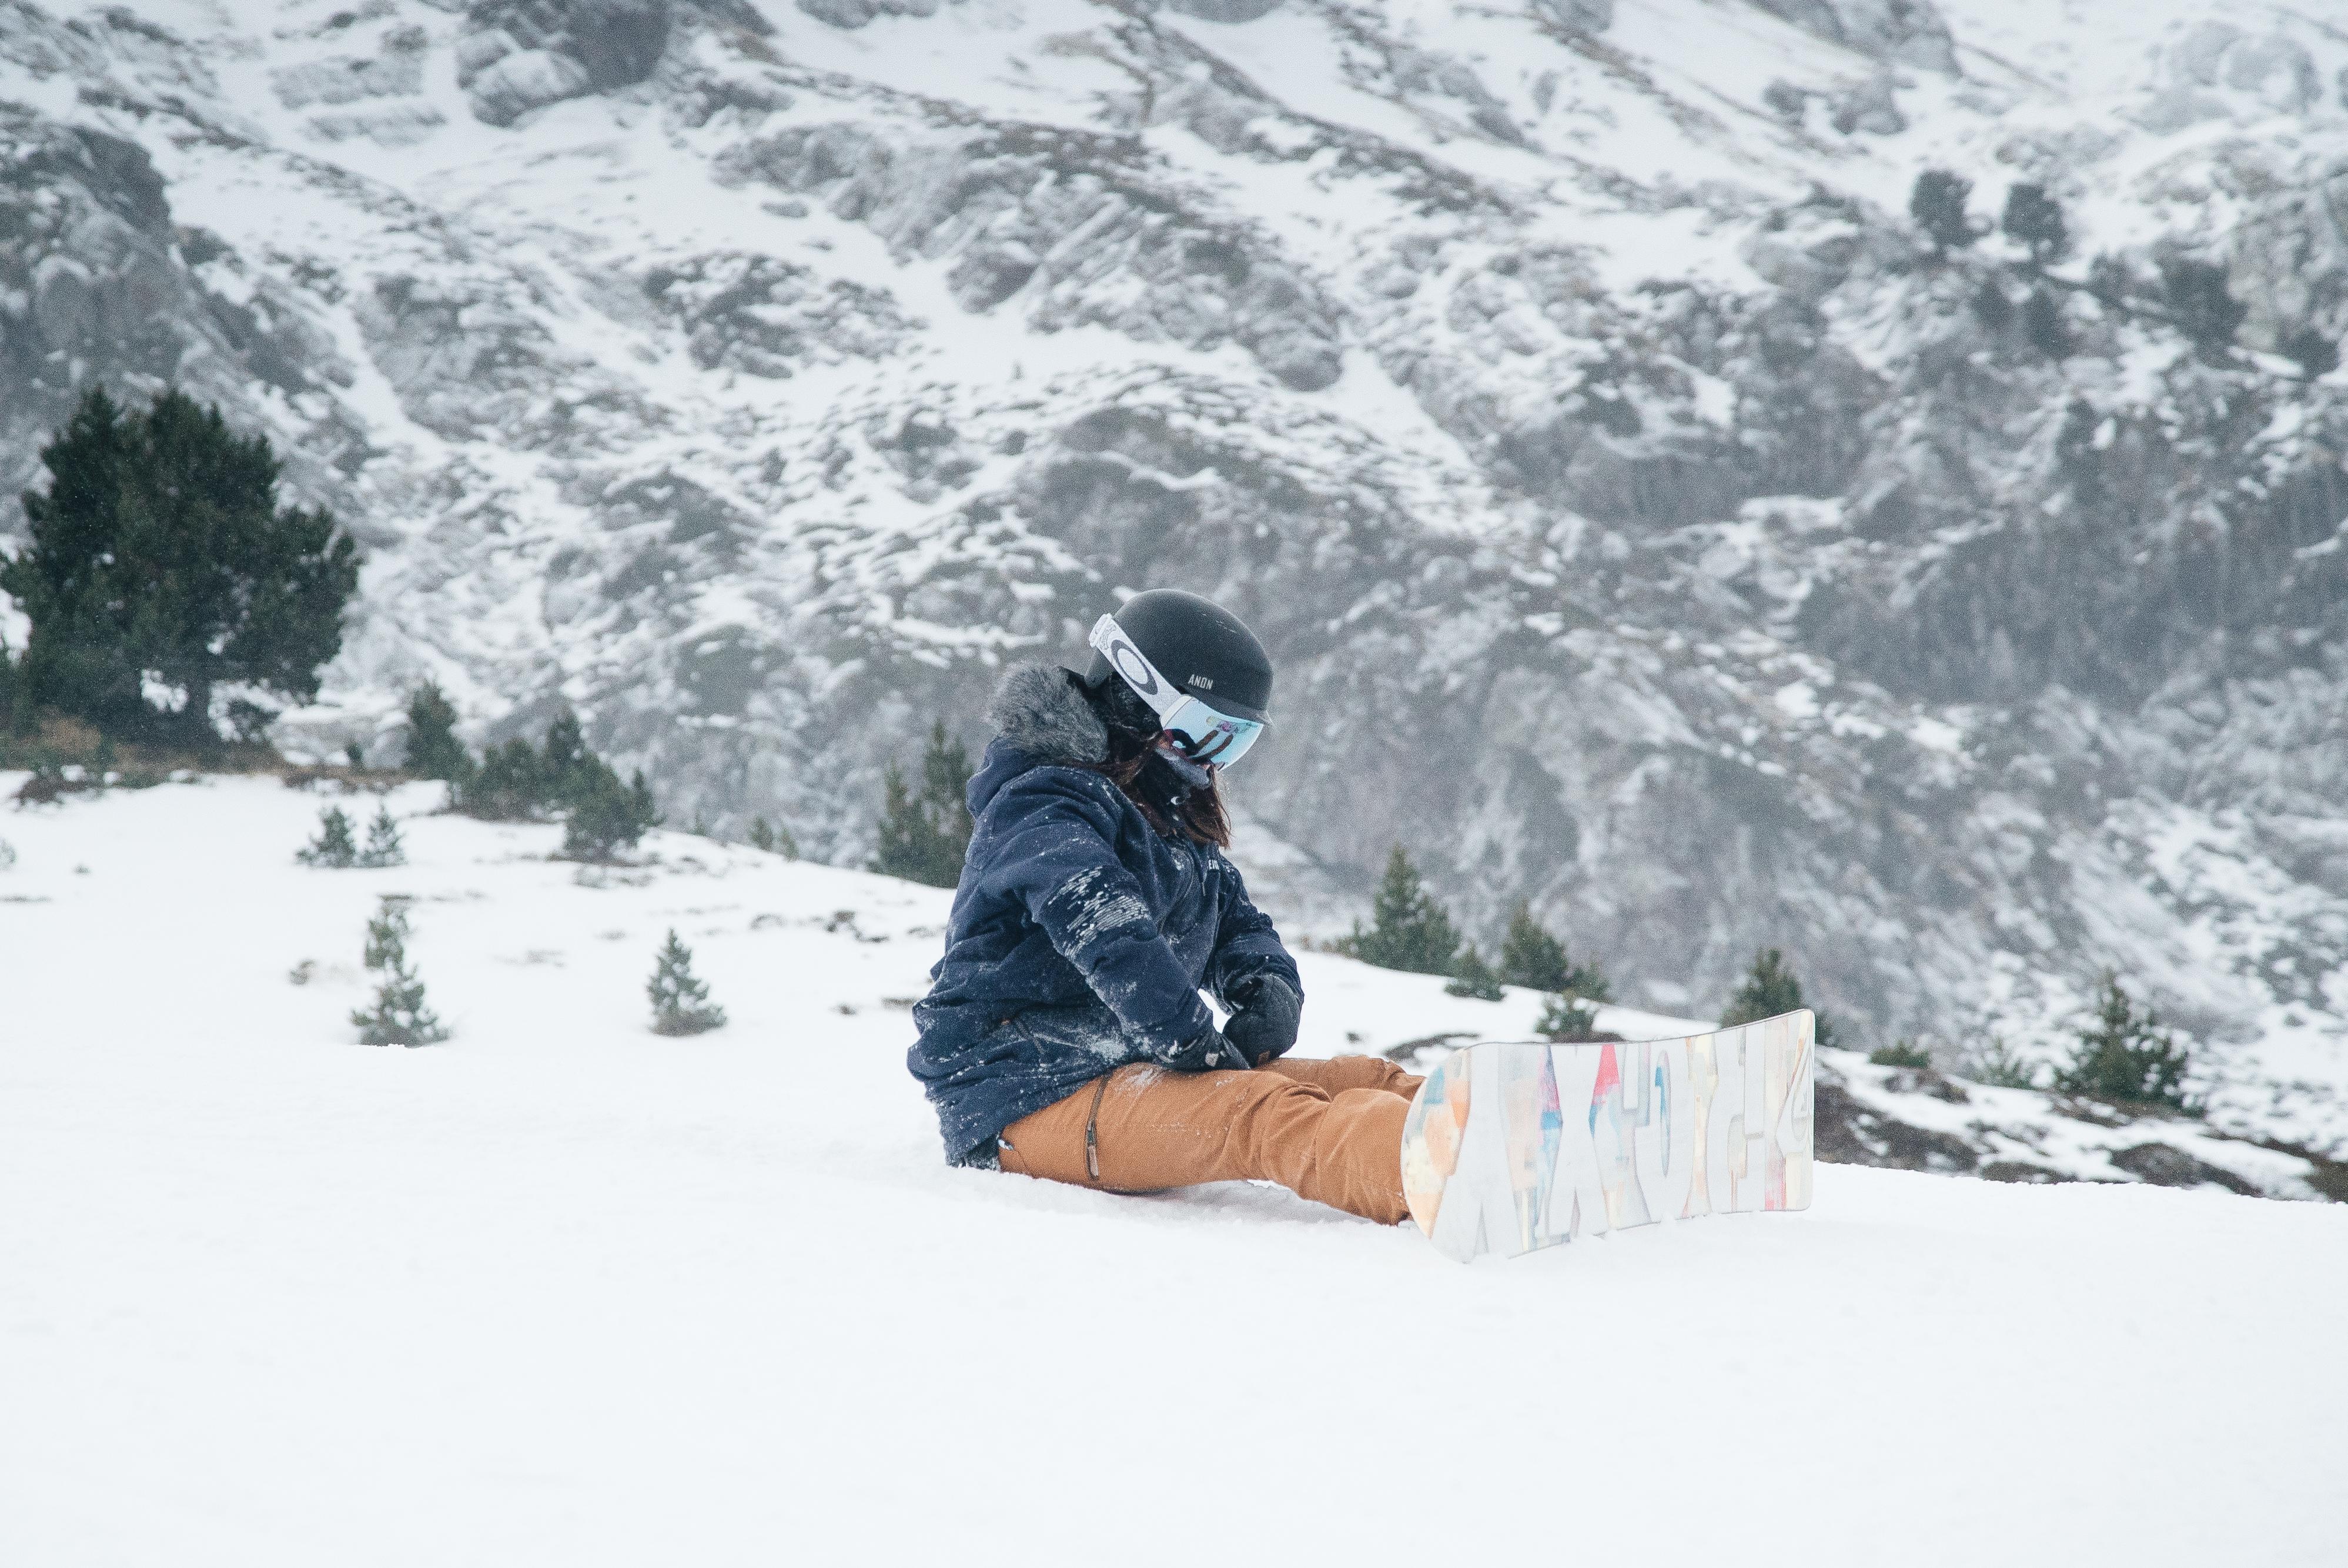 Consejos de snowboard para principiantes (Parte 1)